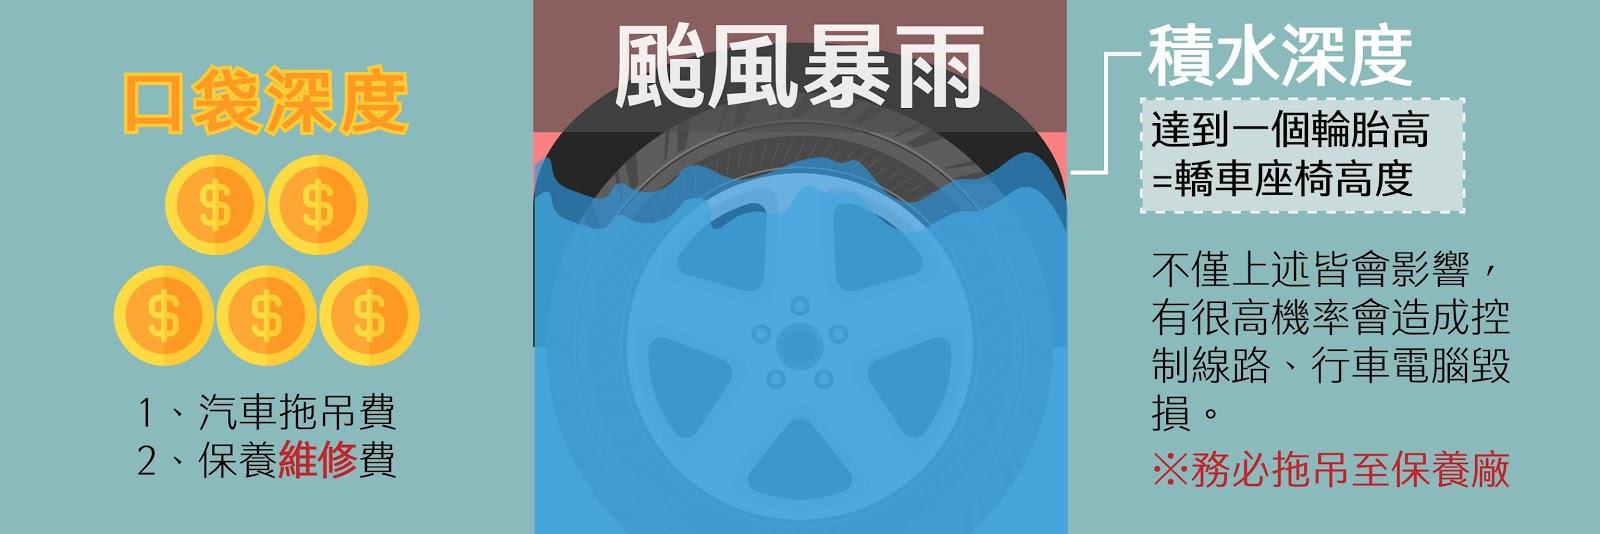 颱風天遇到泡水,積水可能會有一個輪胎高,要小心行車電腦受損,需要付出大筆維修費用